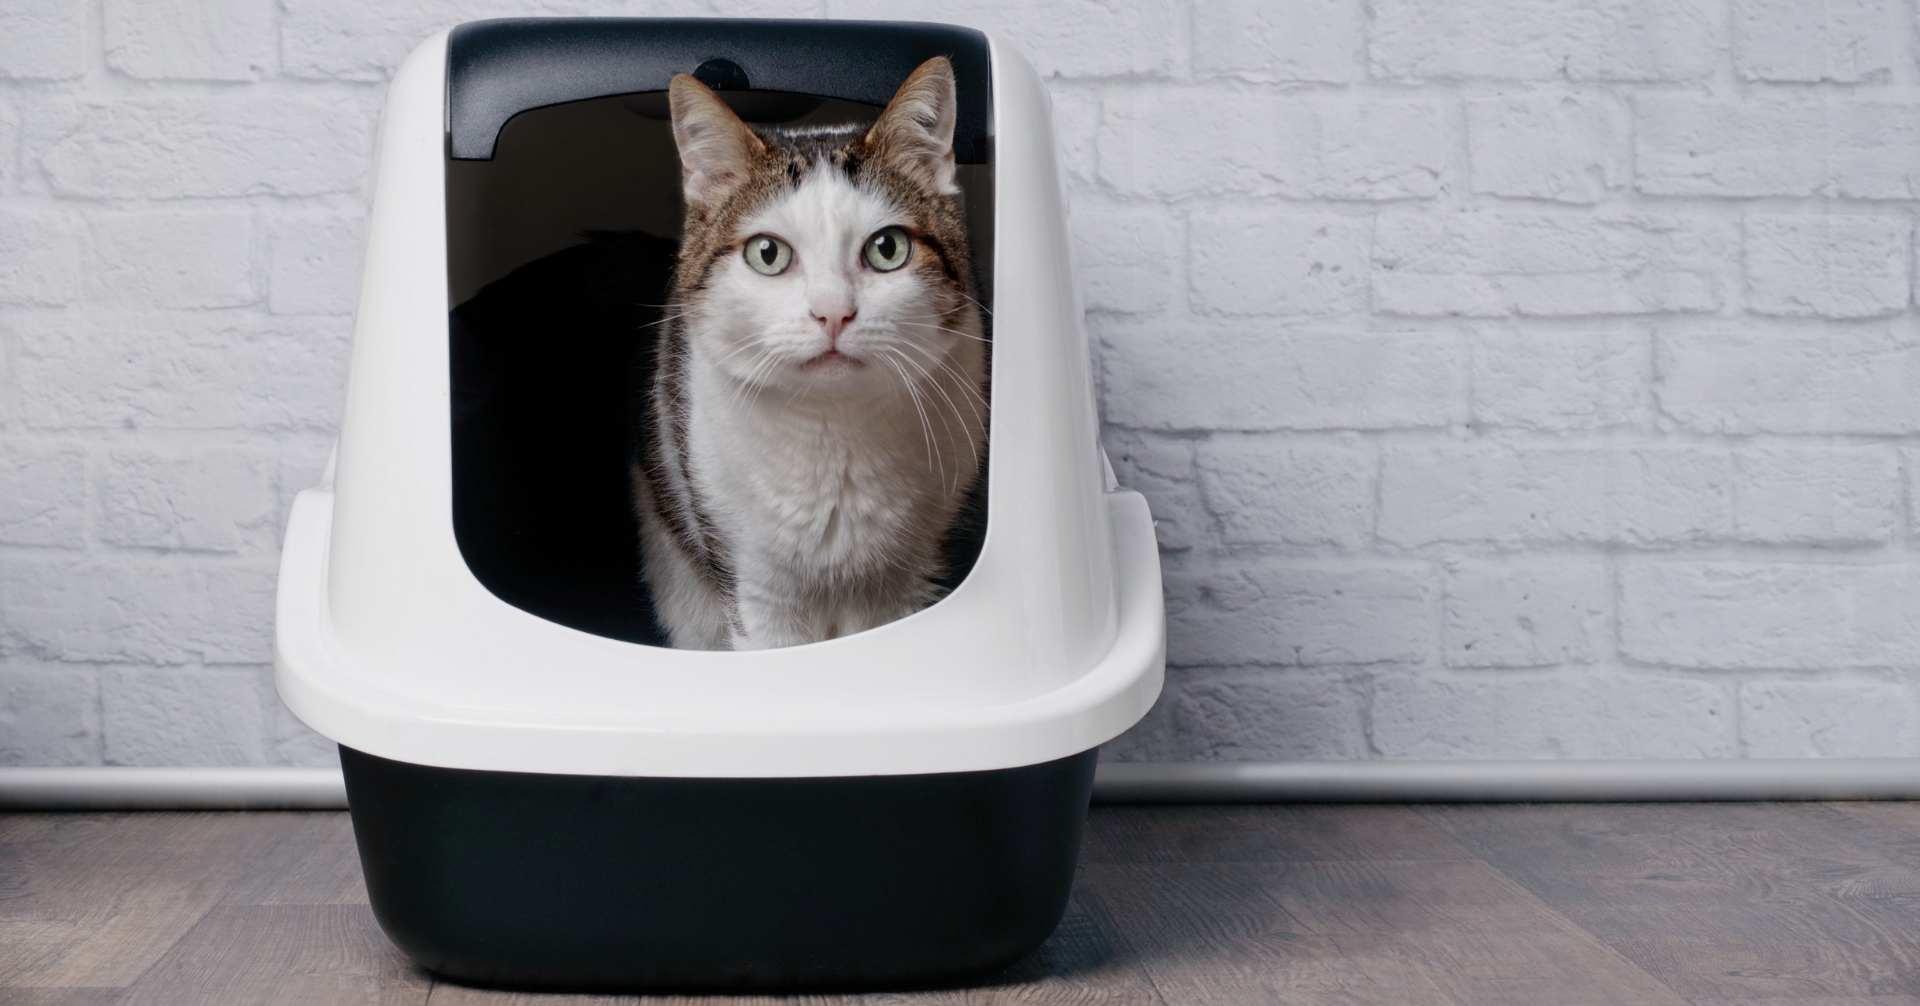 【実は意外な原因も】猫の便秘について原因や対策をご紹介